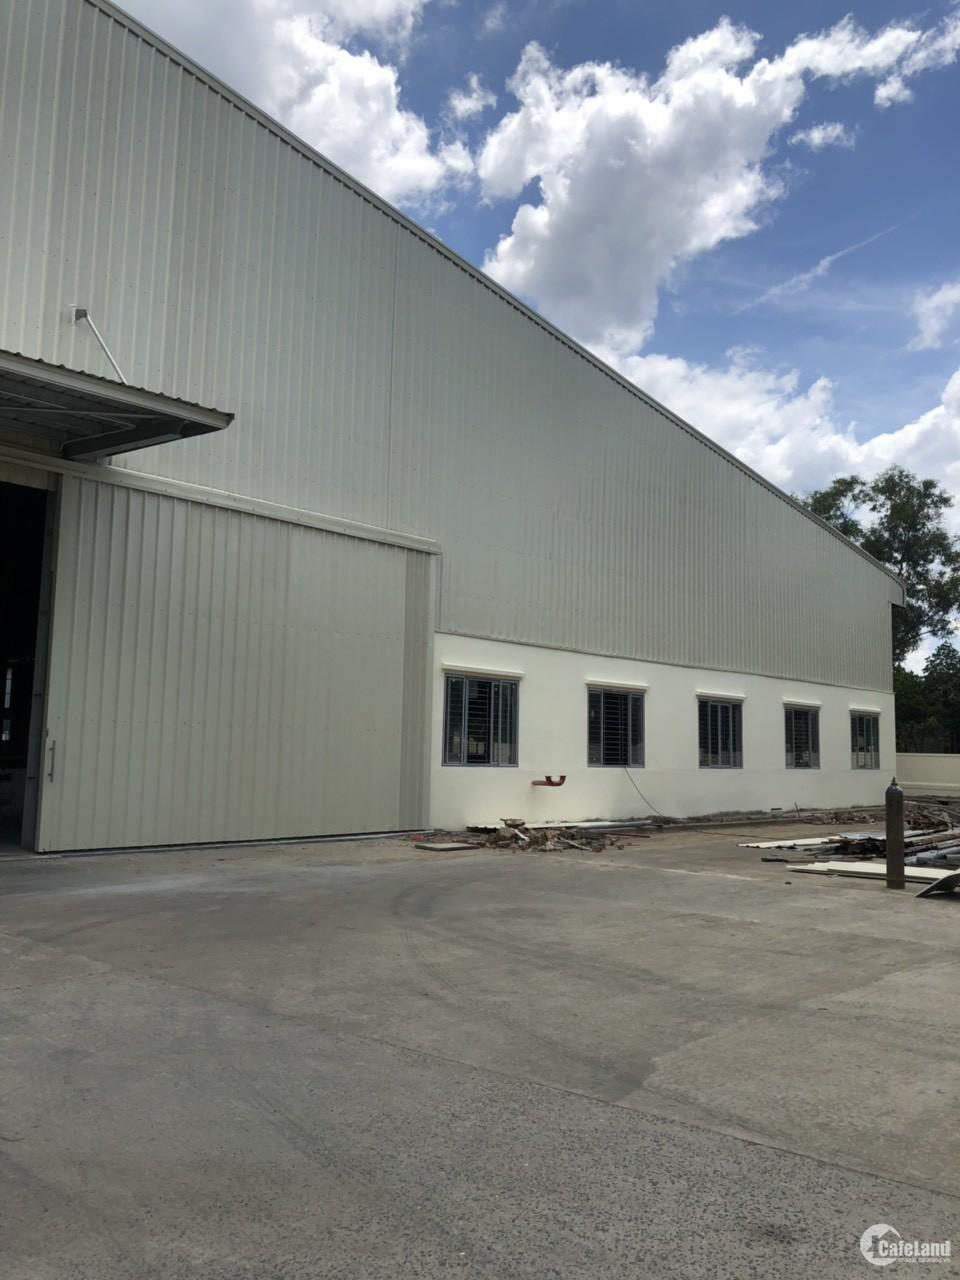 Xưởng cho thuê,khu công nghiệp hòa khánh,TP Đà Nẵng.giá rẻ hơn thị trường,chính